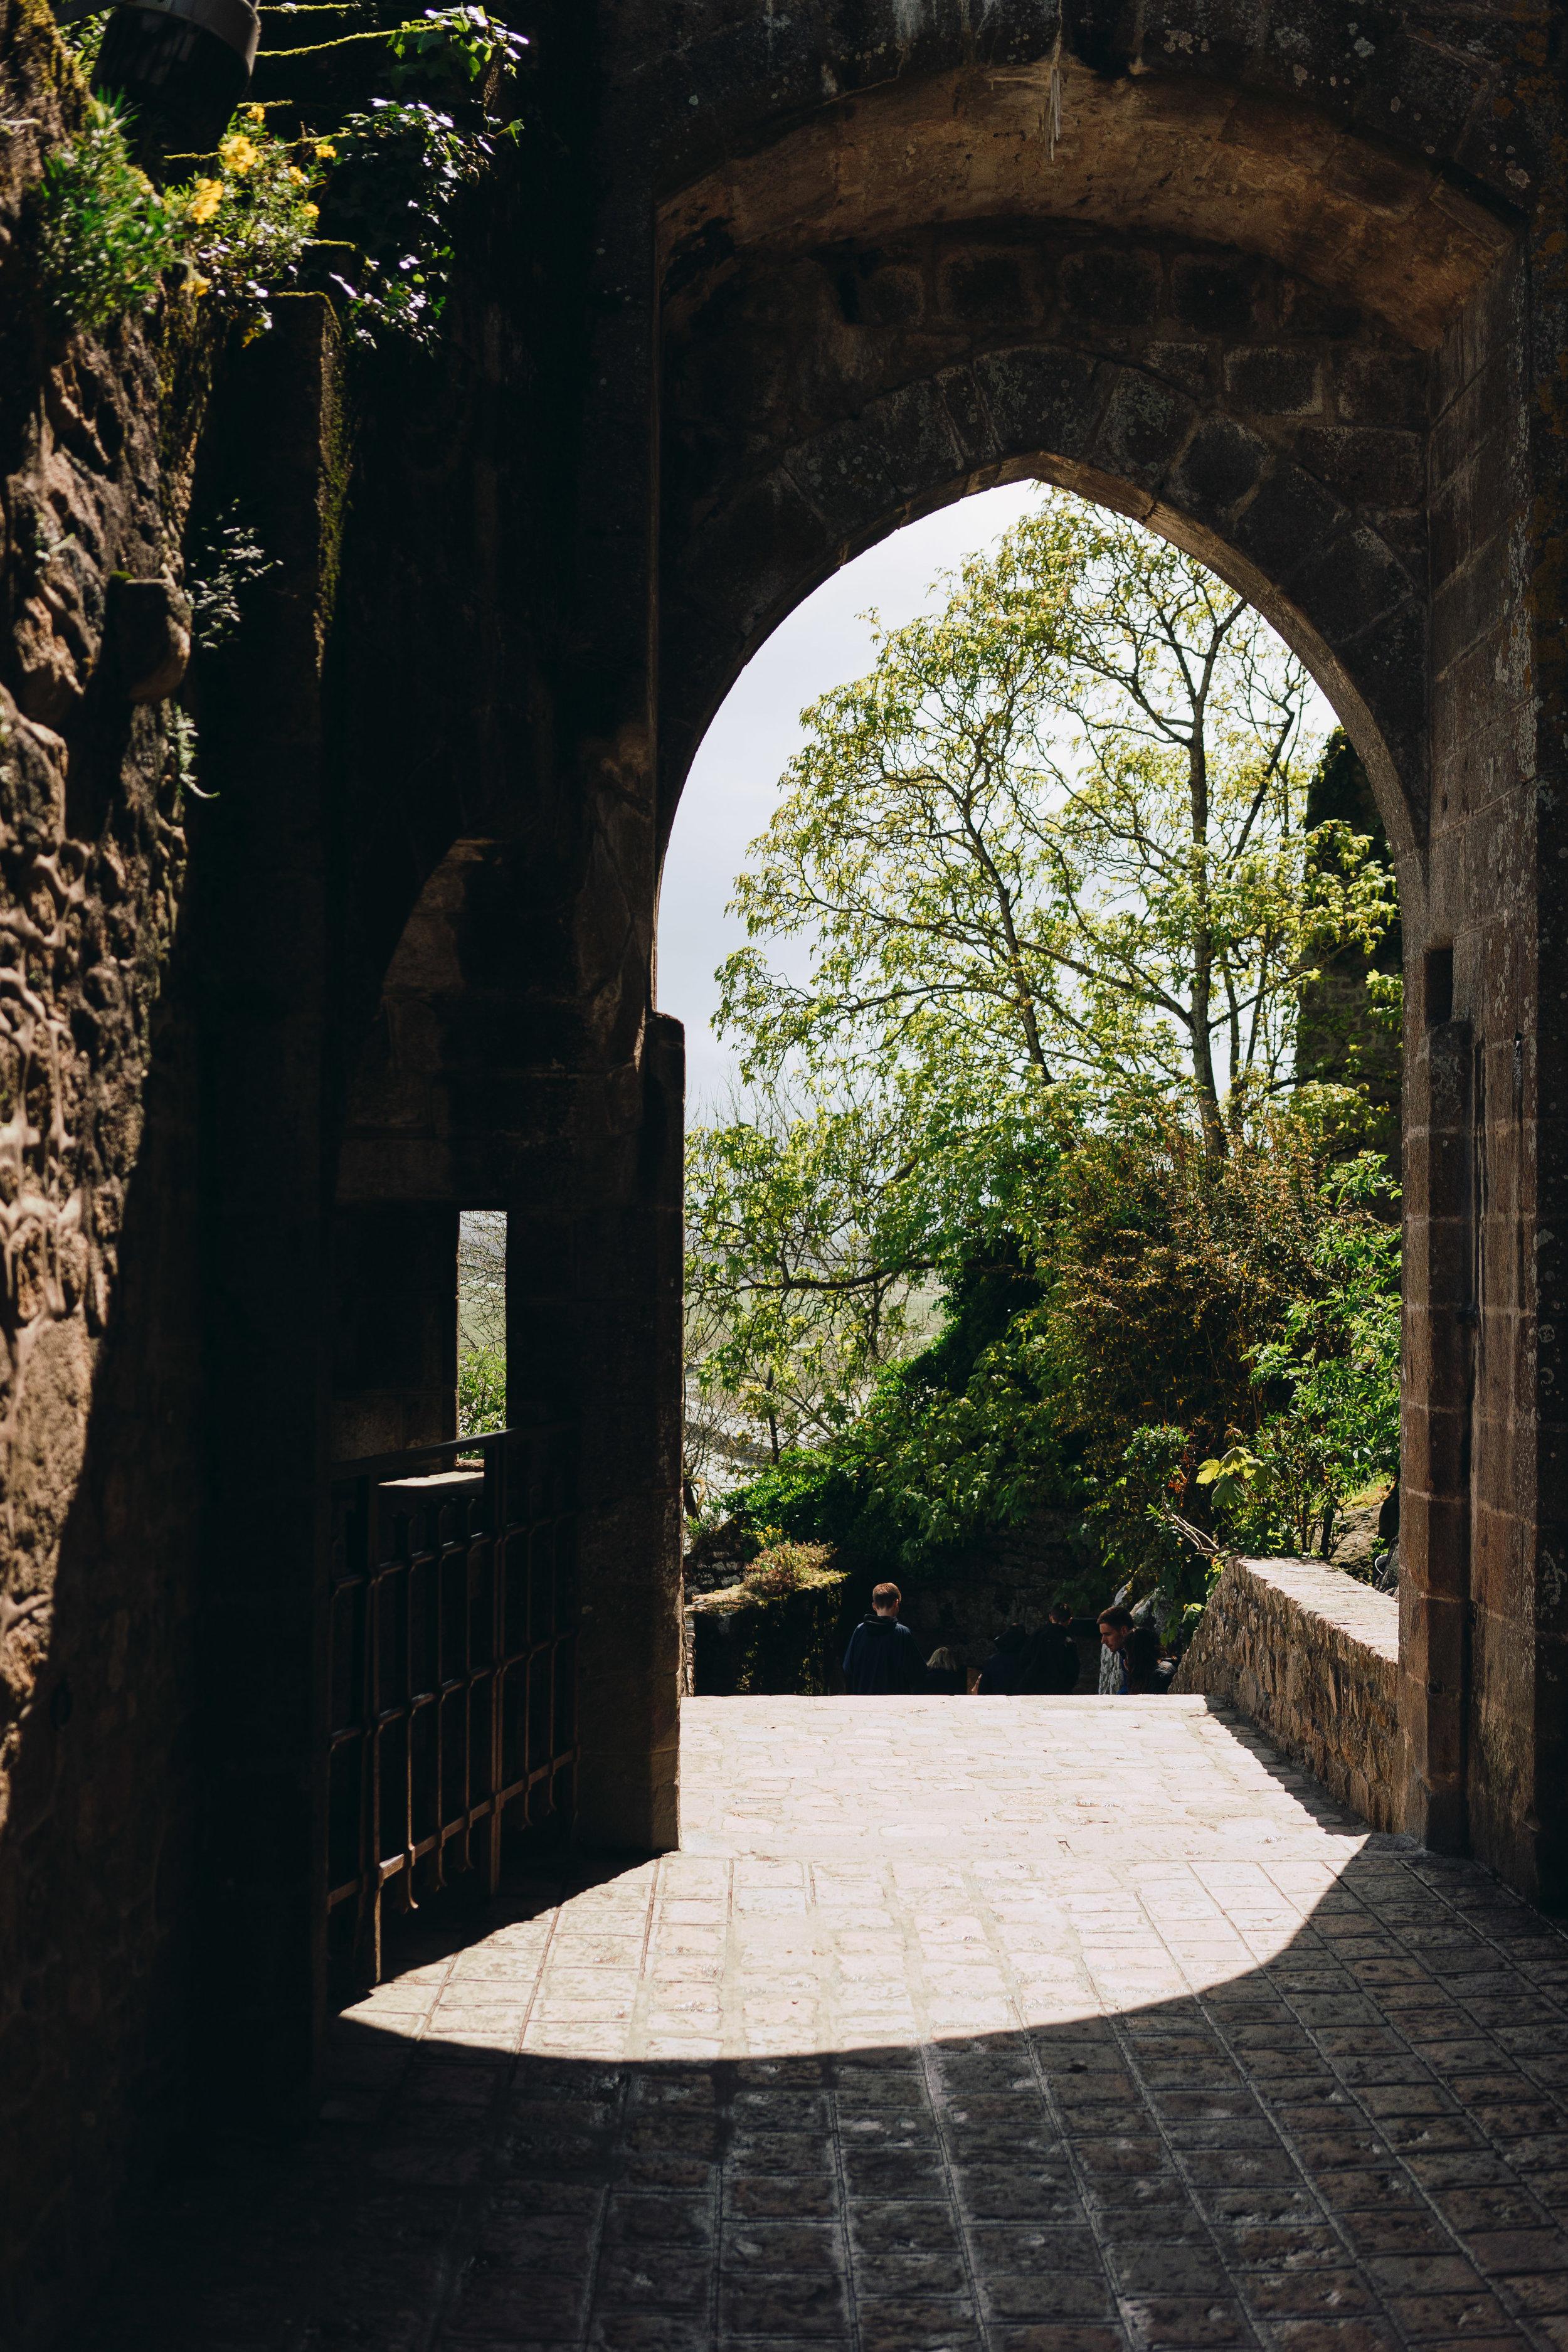 ASROSENVINGE_Normandy-01826.jpg